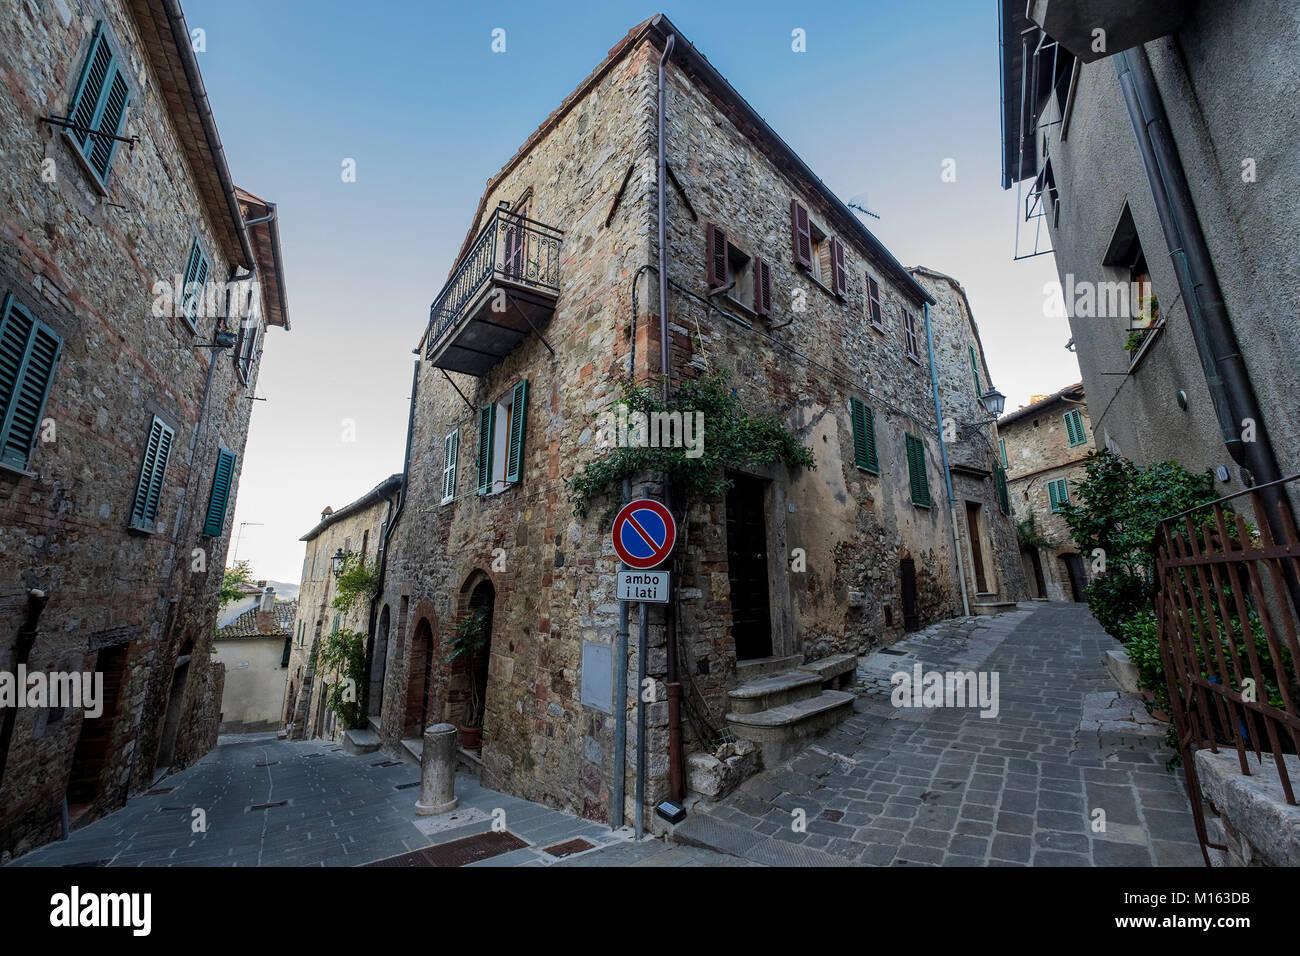 https://c7.alamy.com/compde/m163db/ein-blick-auf-das-dorf-san-casciano-dei-bagni-italien-san-casciano-ist-eine-stadt-in-der-provinz-von-siena-in-der-italienischen-region-toskana-m163db.jpg